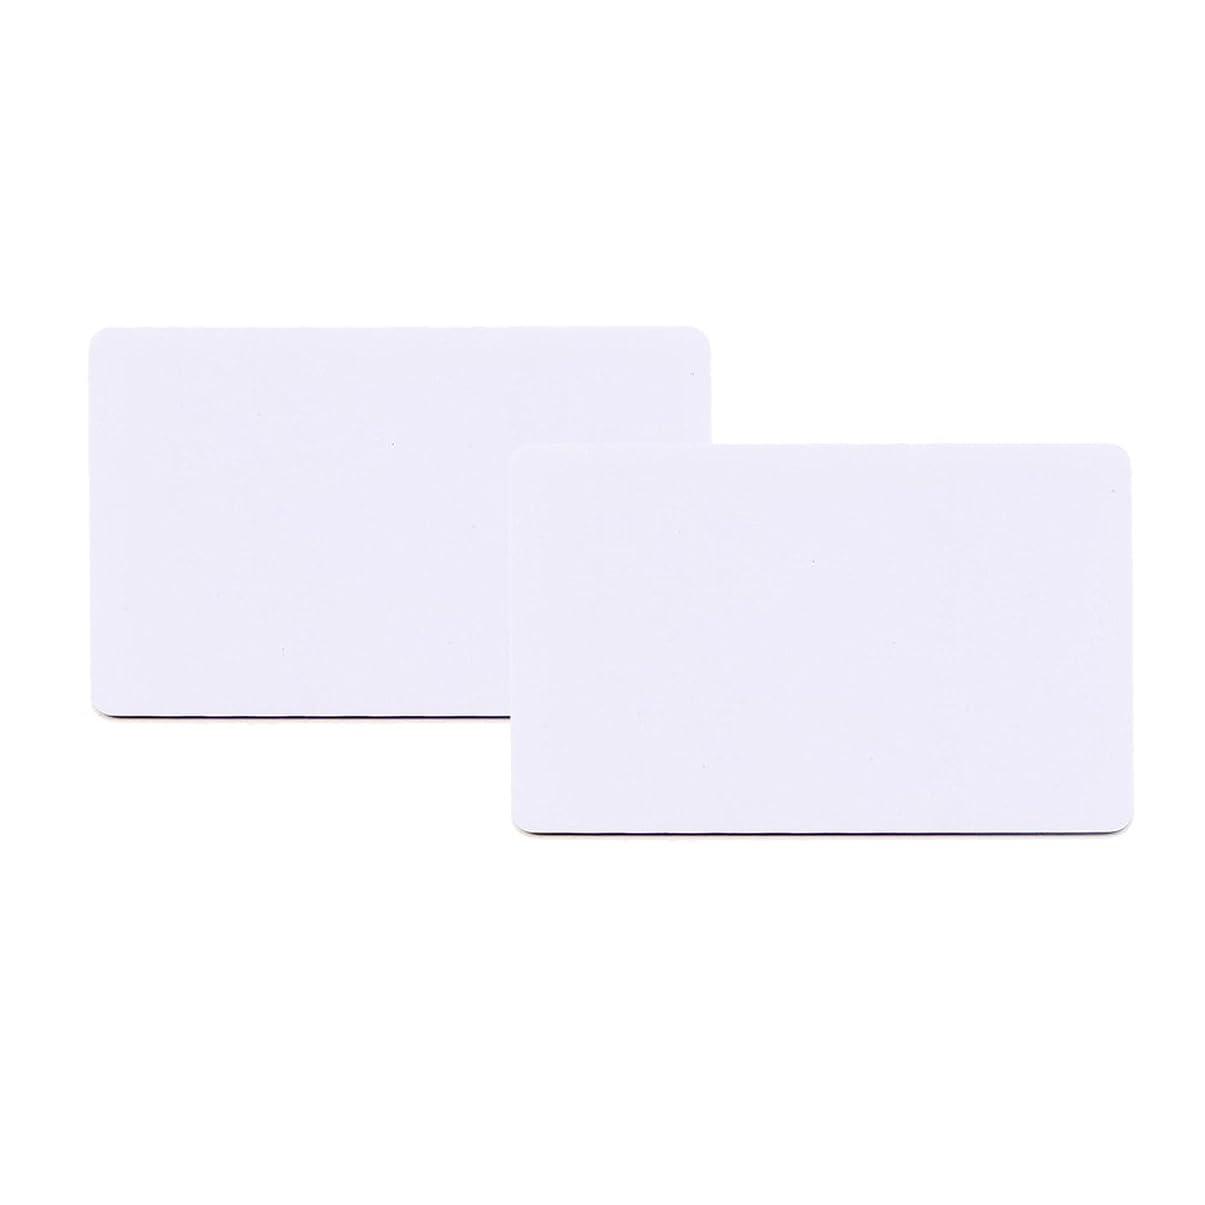 ほとんどの場合揃える四面体CMYK 書き込み可能なRFIDカード 500枚/ロット 13.56mhz アクセスコントロールカード FM1108チップ付き ホテルのドアロック用